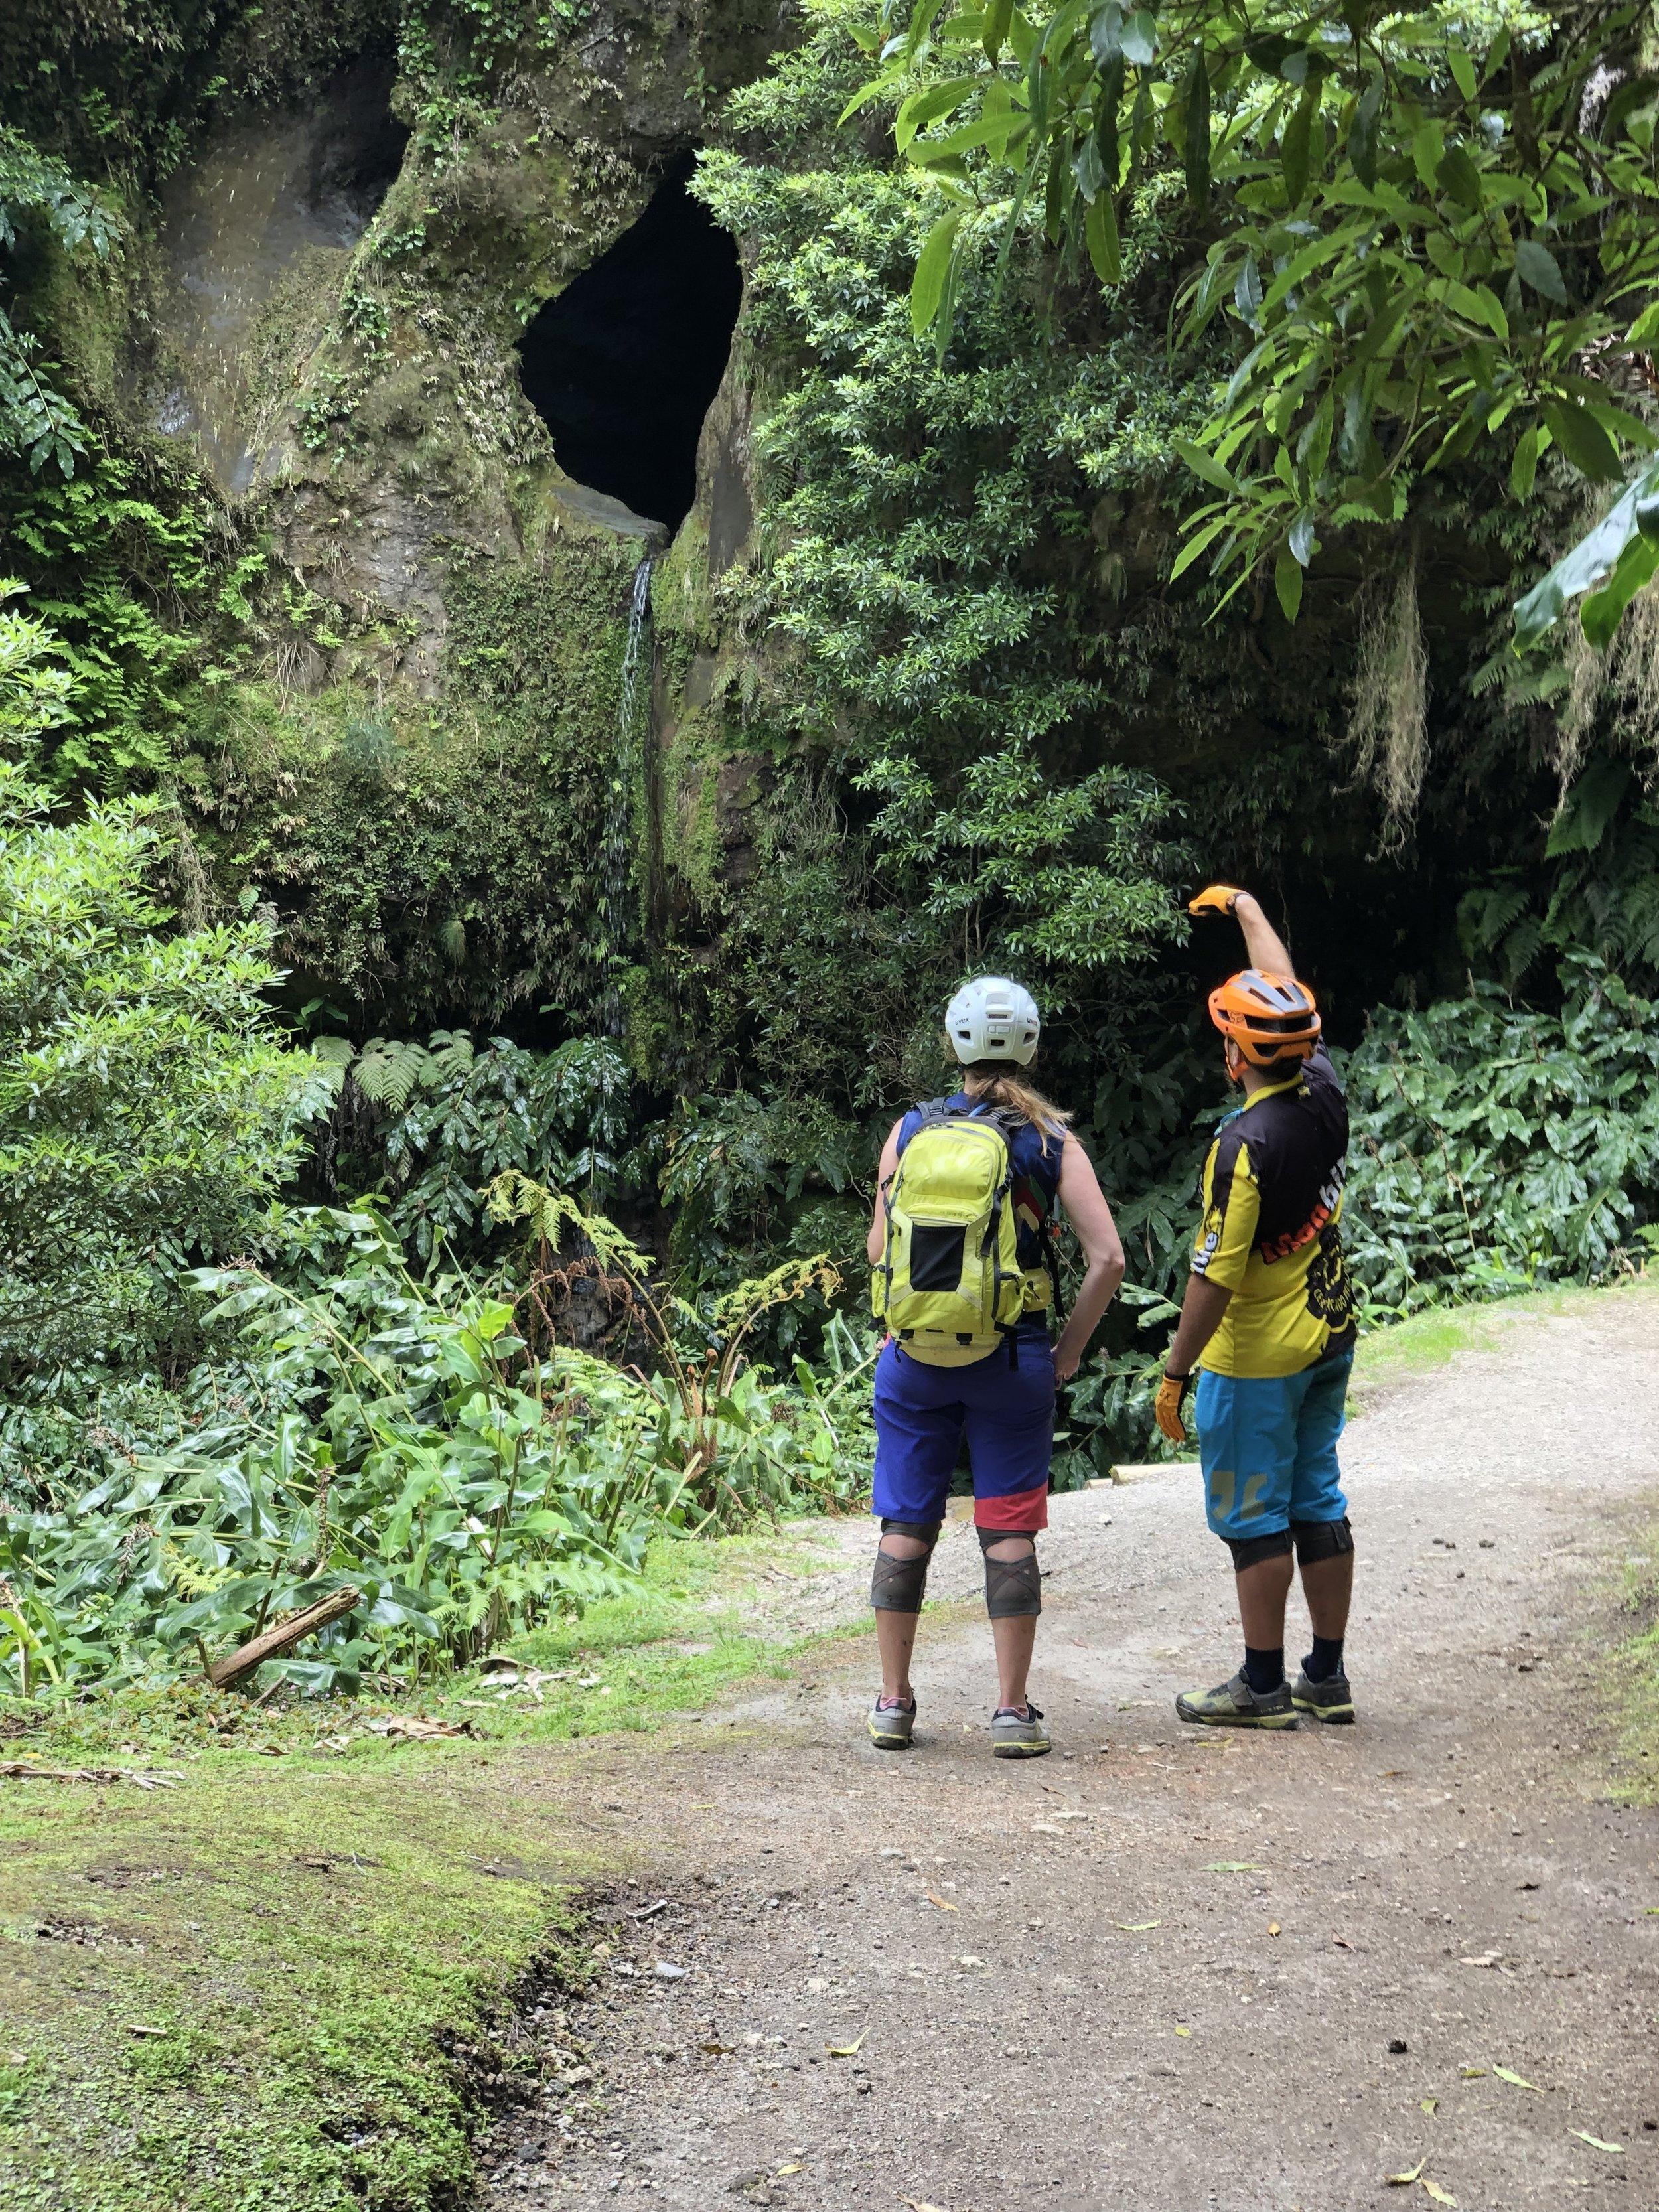 Abstecher zu einem Wasserfall, der aus einer Höhle fließt